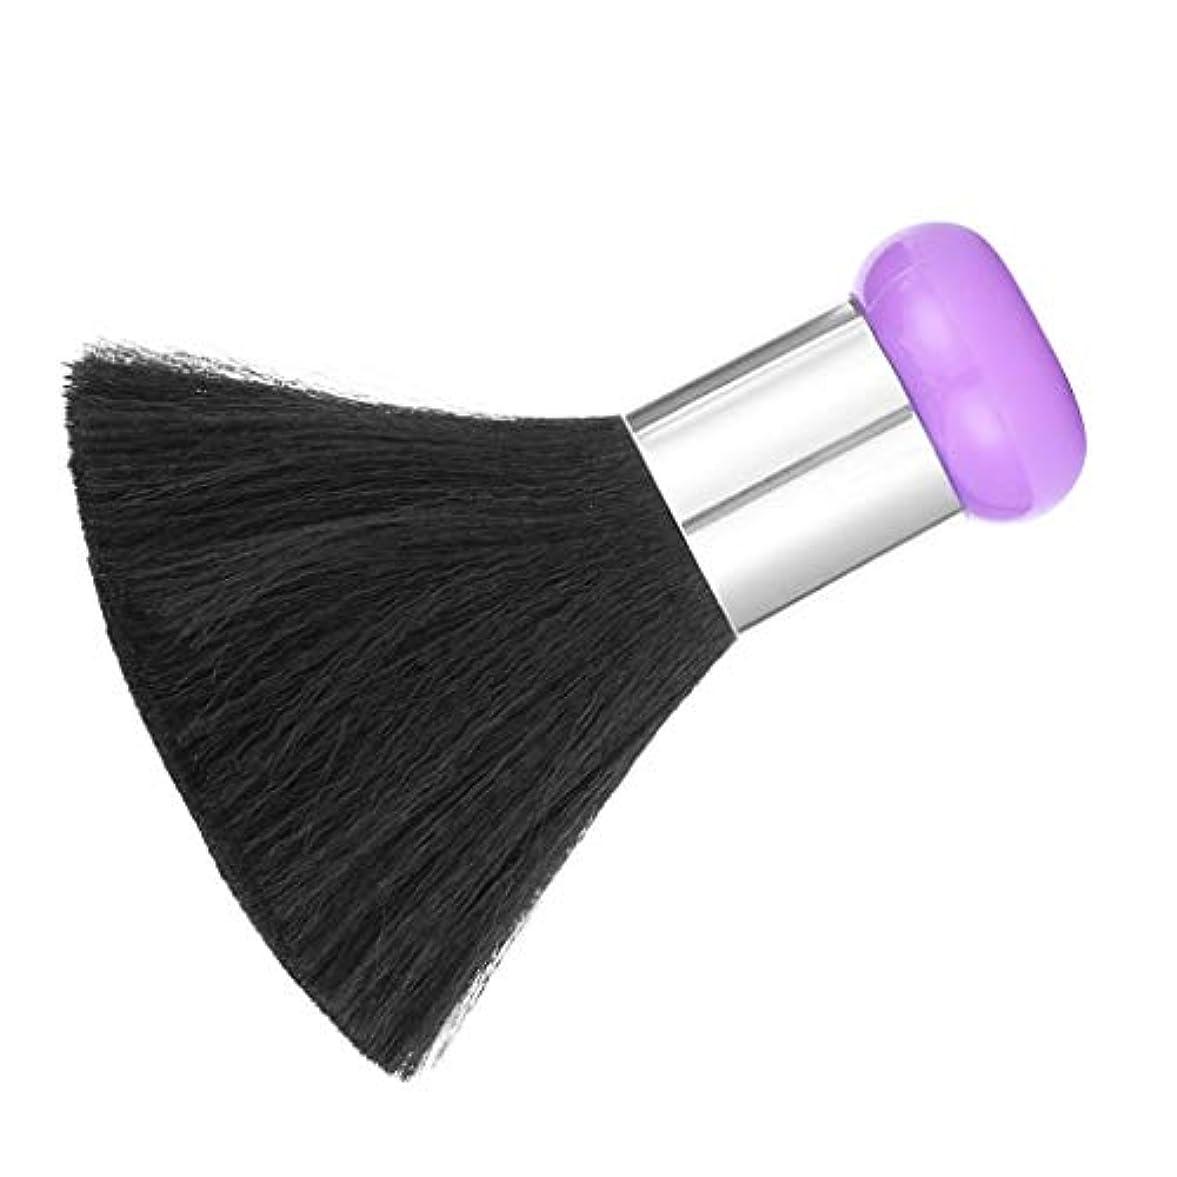 誇大妄想リスナー想像力ヘアカットヘアカットブラシネックダスタークリーニングヘアブラシサロンバーバーツール - 紫